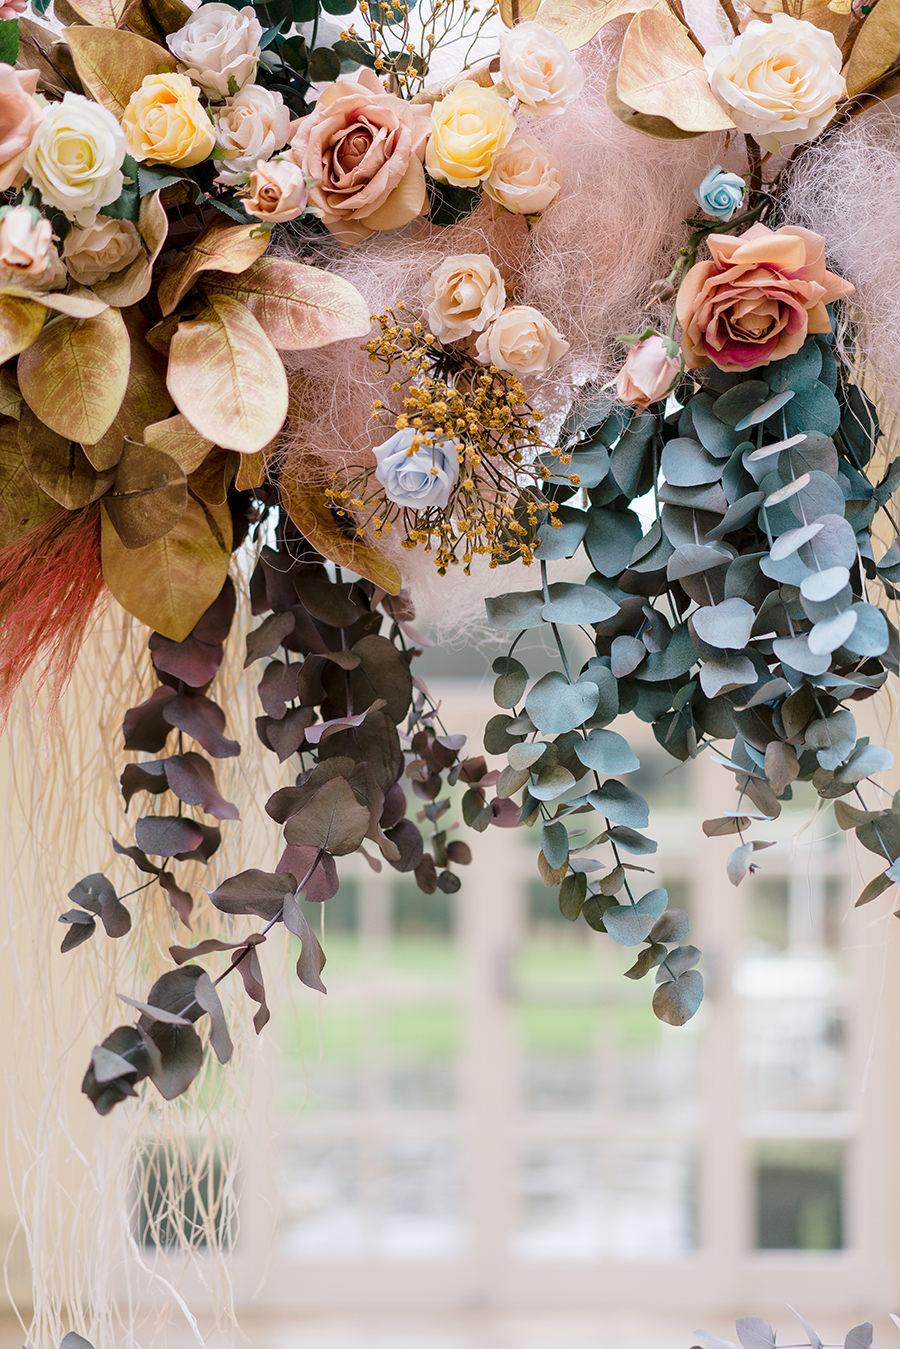 Ivory Events Stapleford Park wedding styled shoot (9)